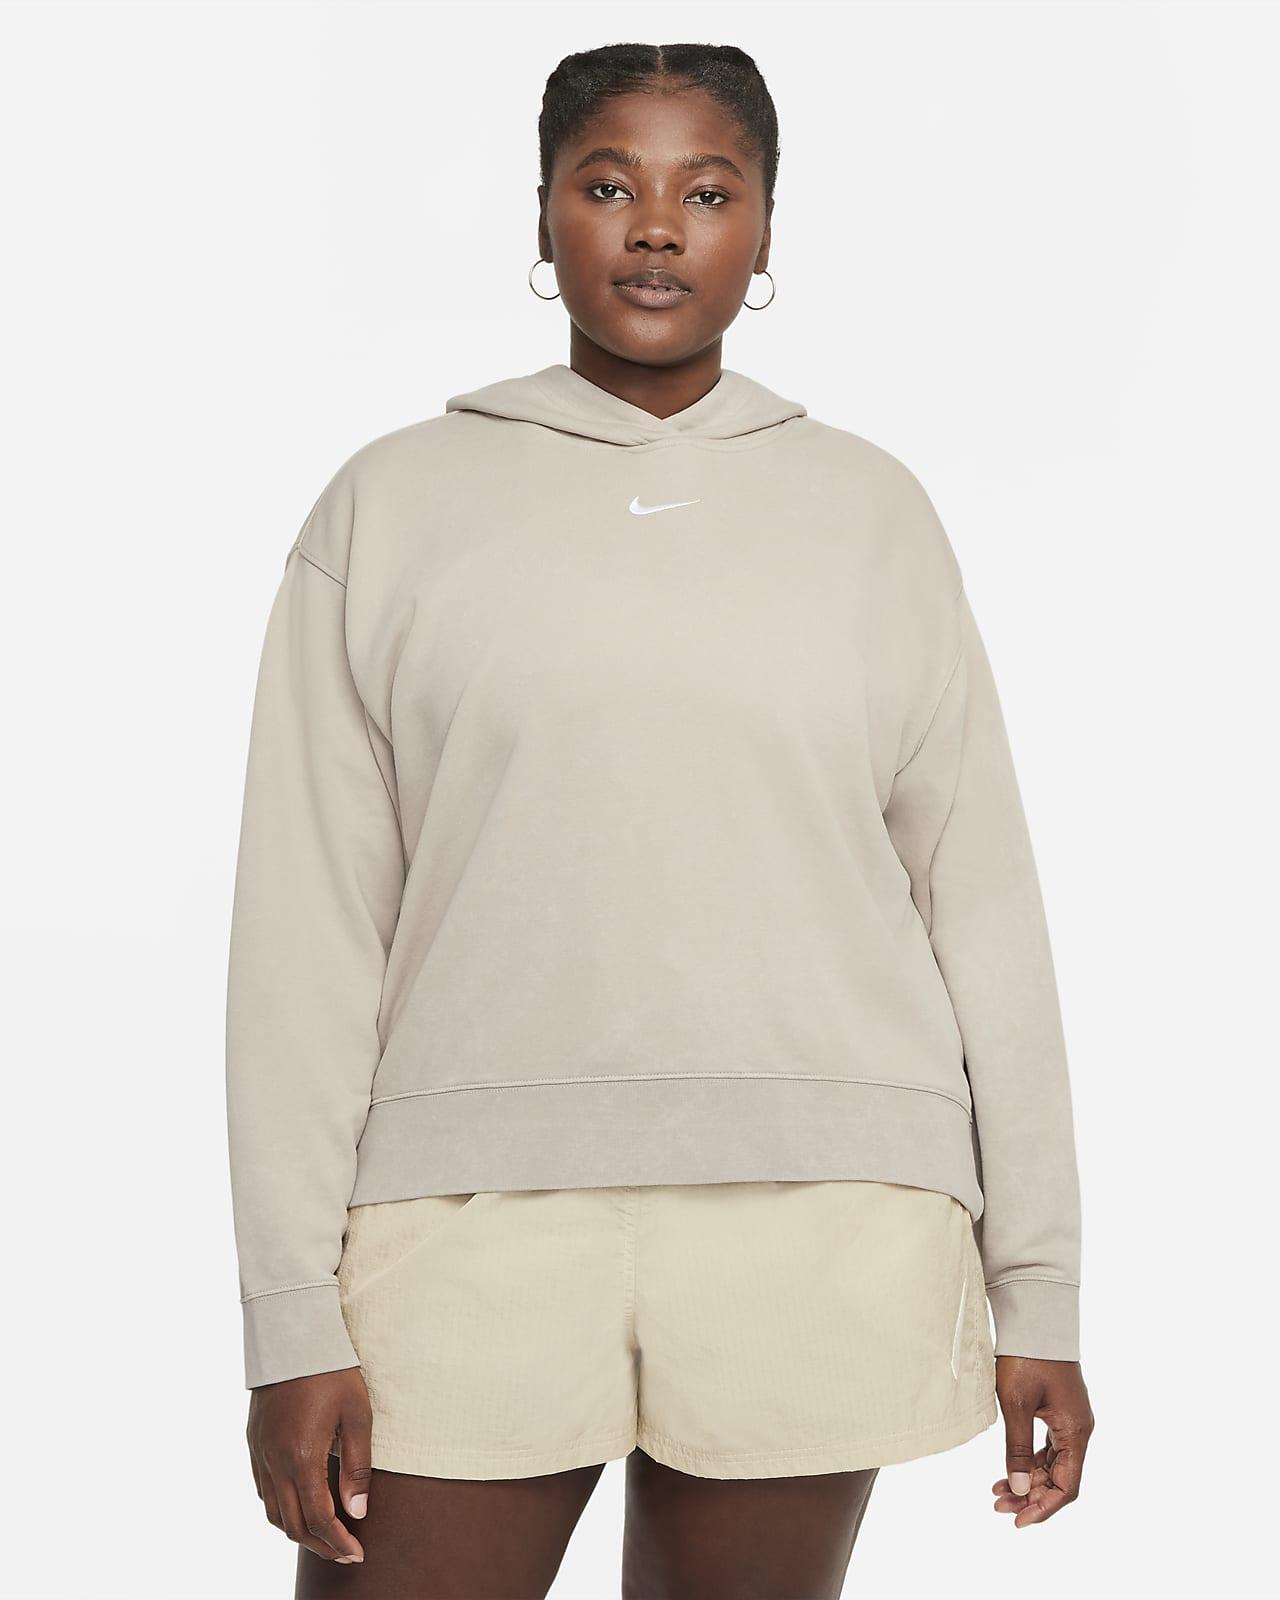 Hoodie de lã cardada com efeito lavado Nike Sportswear Essential Collection para mulher (tamanhos grandes)